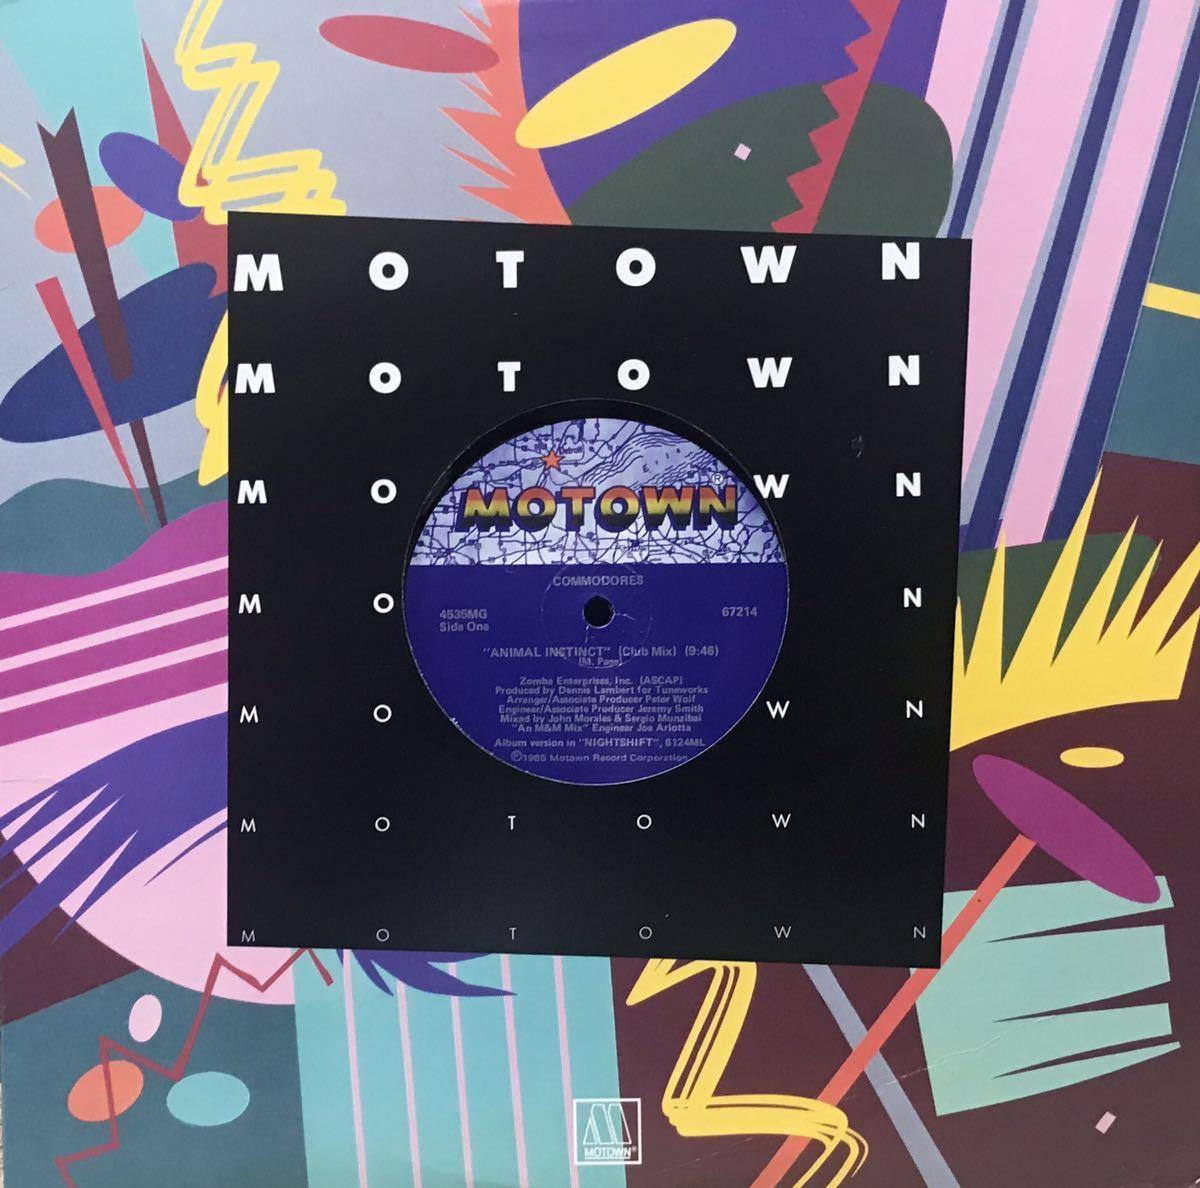 COMMODORES / ANIMAL INSTINCT 12inchレコード その他にもプロモーション盤 レア盤 人気レコード 多数出品中_画像1